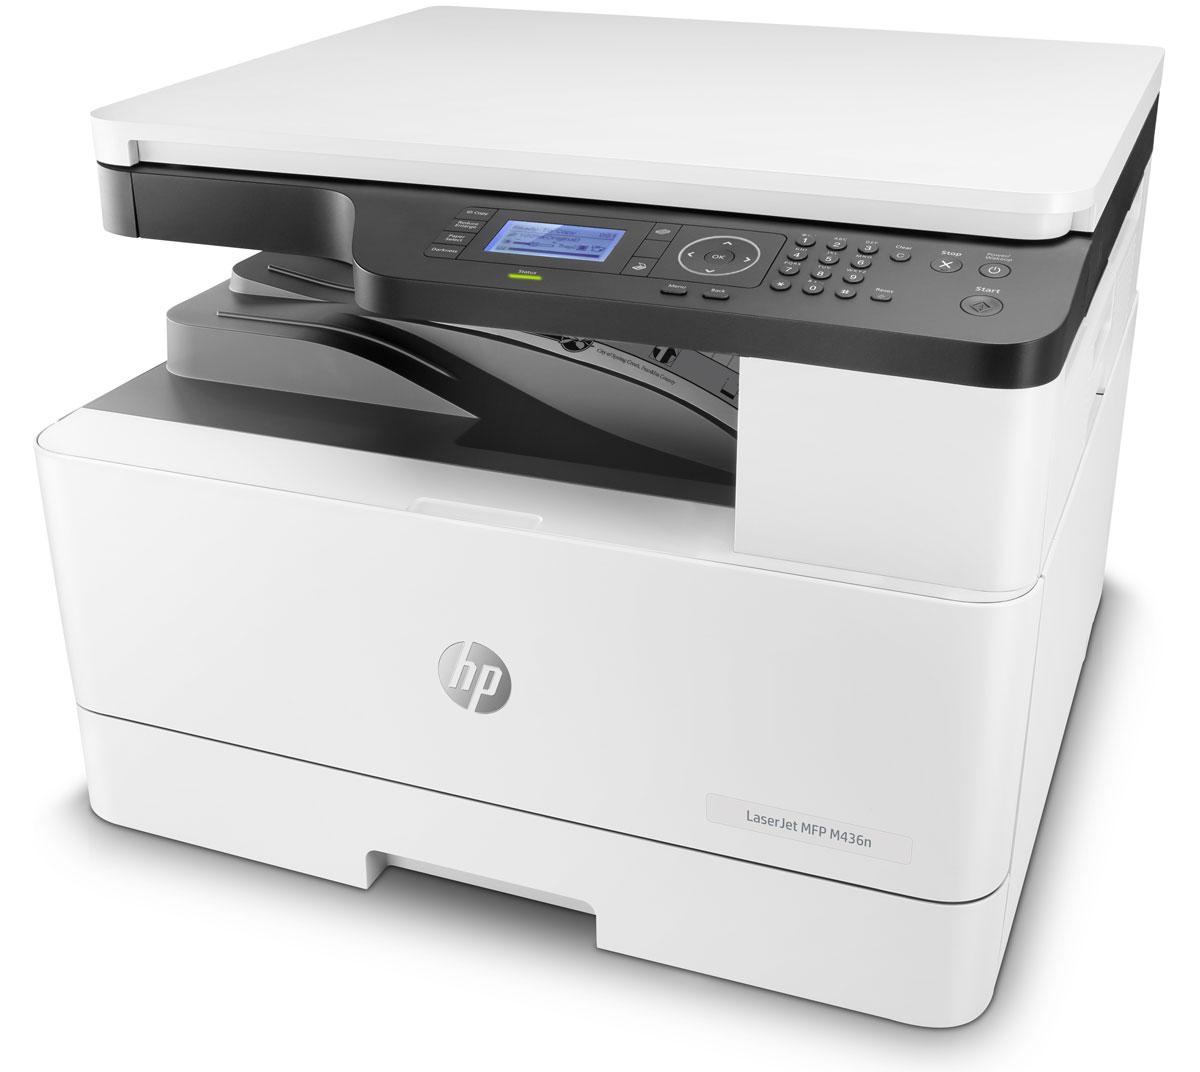 HP LaserJet M436n МФУ принтер струйный epson l312